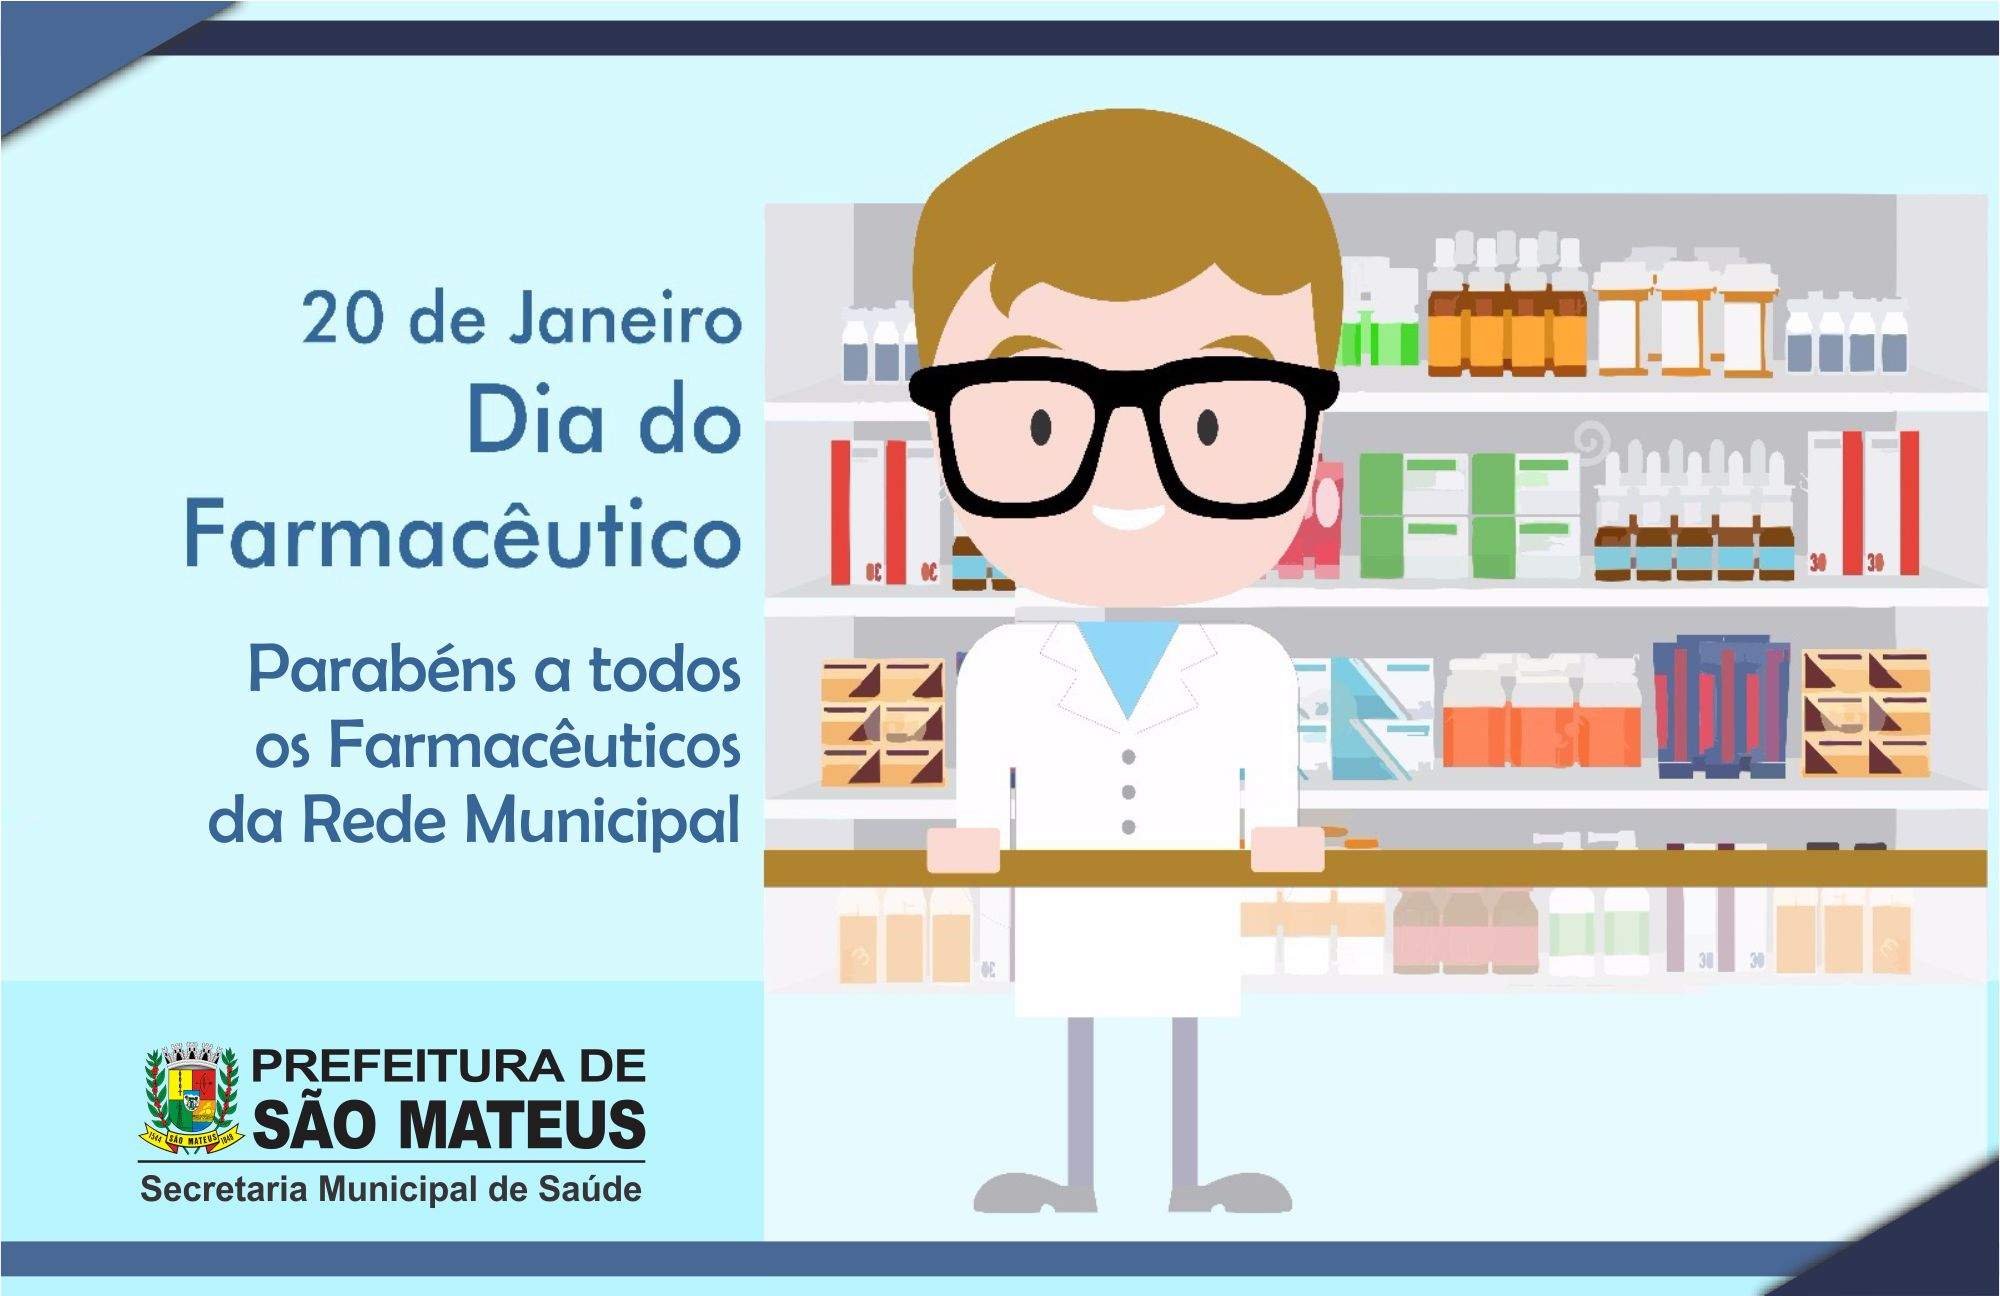 20 de Janeiro - Dia do Farmacêutico